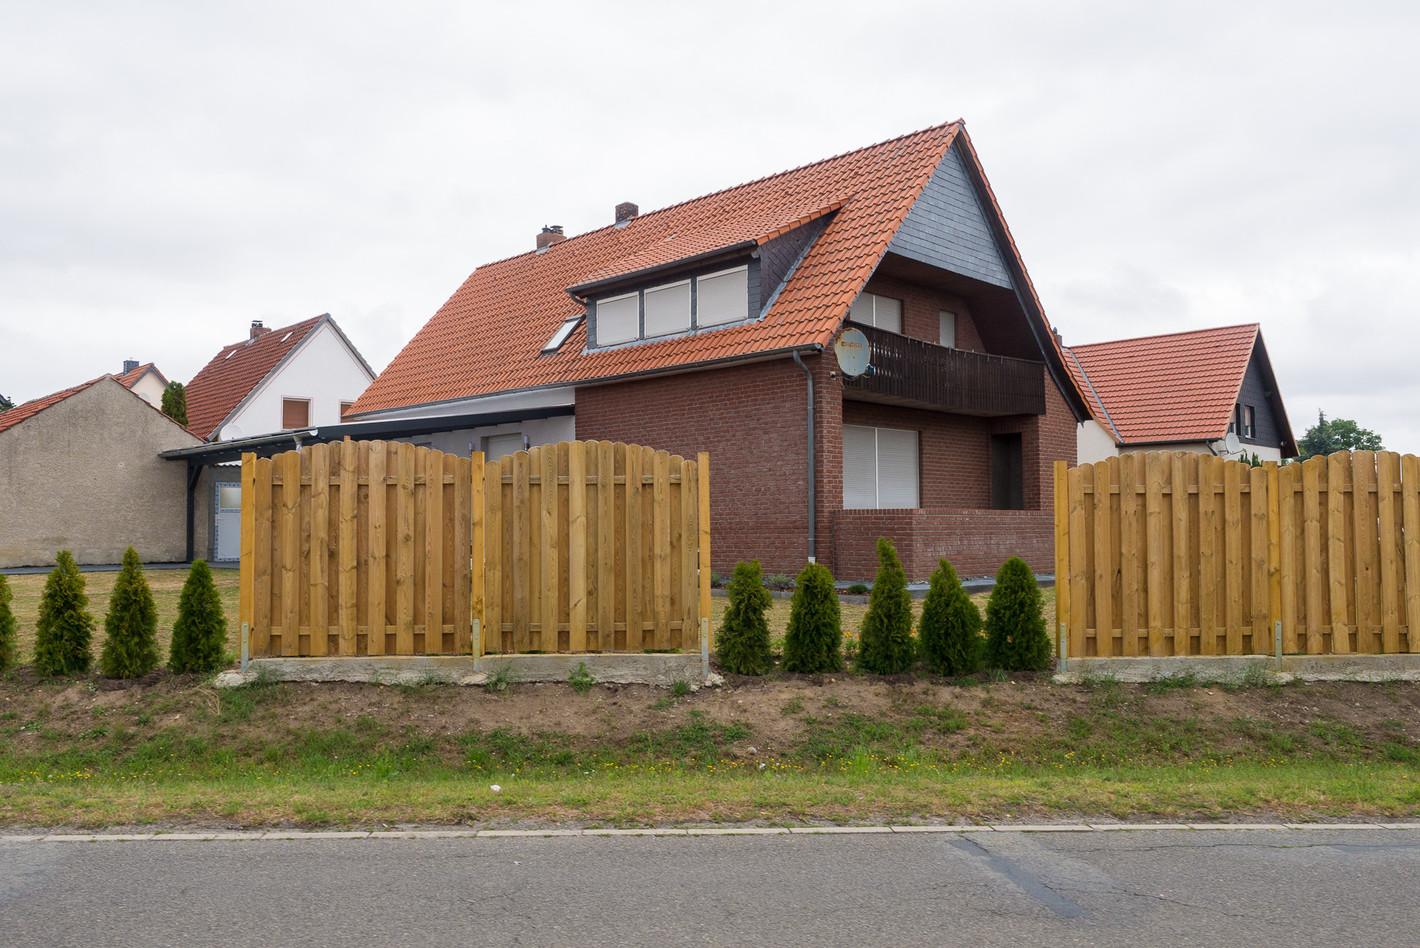 Bahrdorf, Niedersachsen